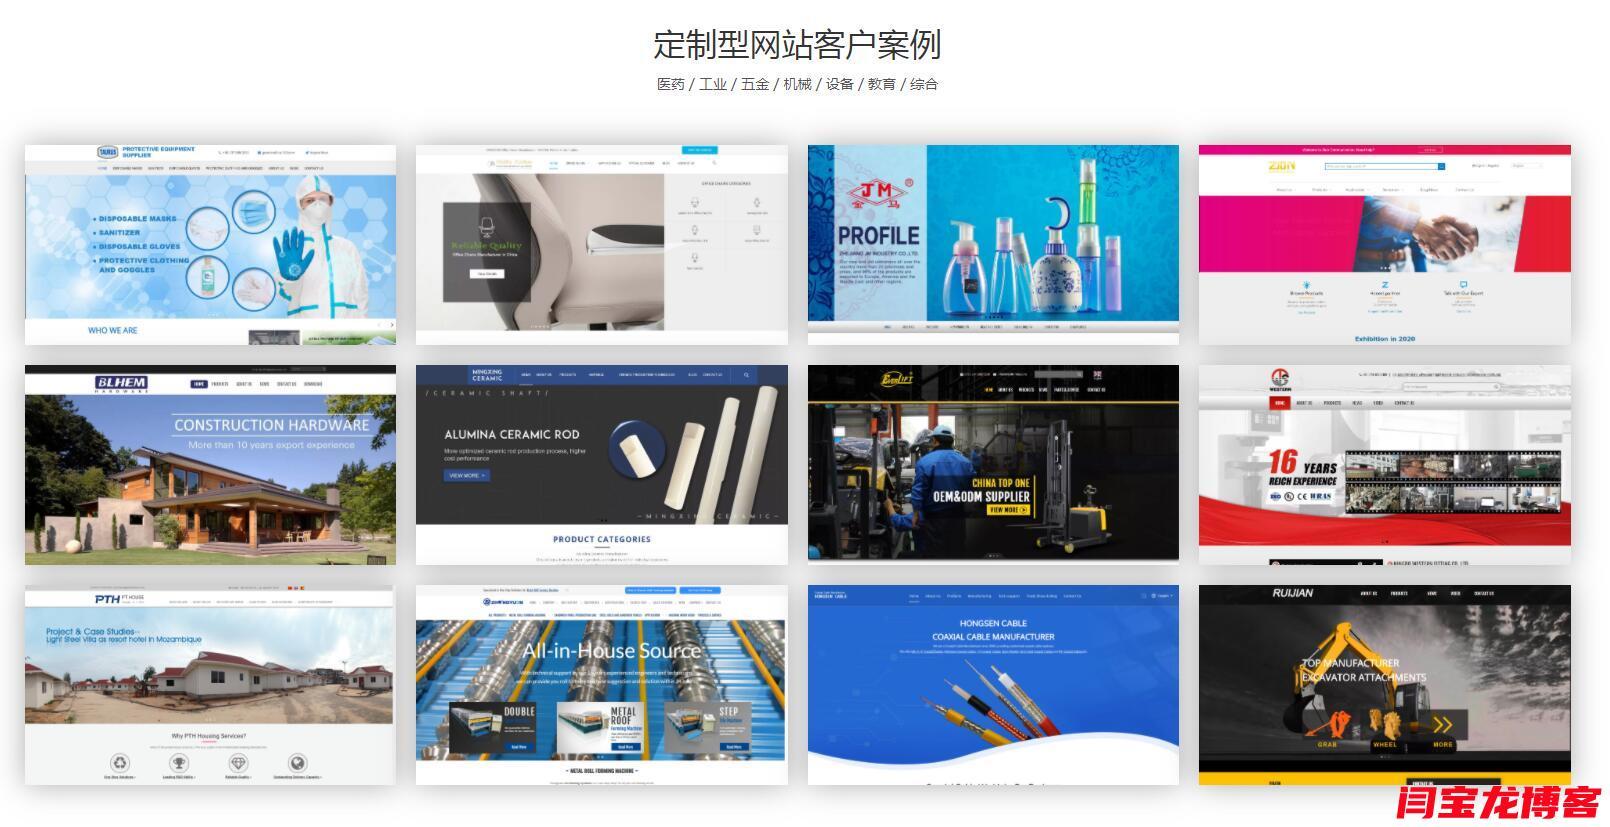 马来语网站改版